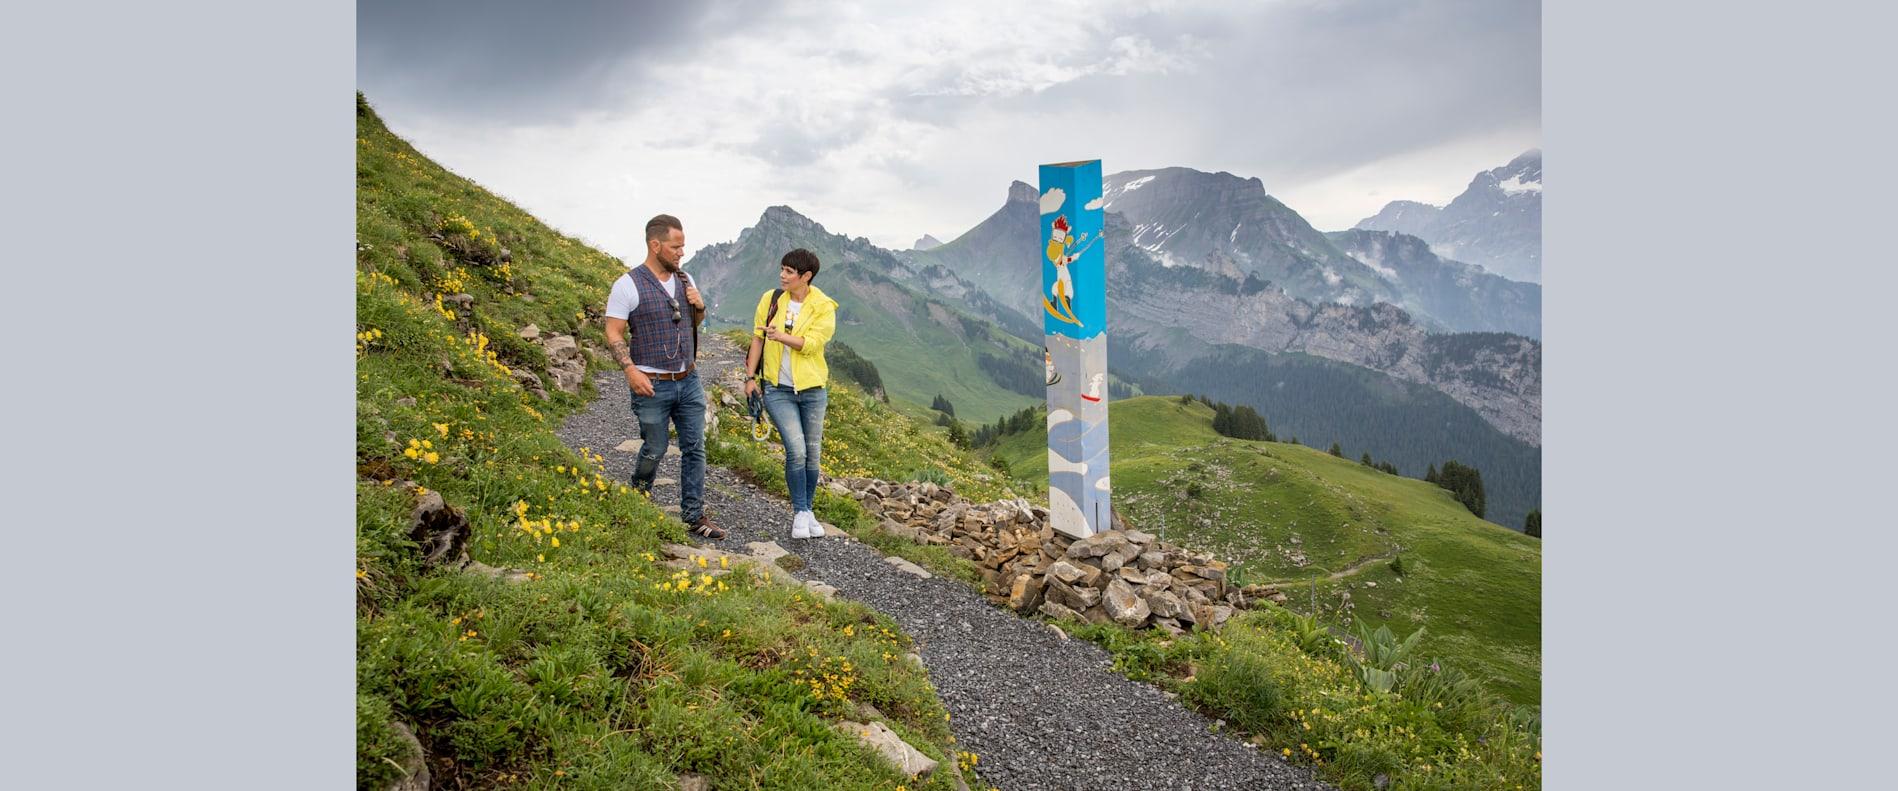 Marc Trauffer und Francine Jordi auf dem neuen Swiss Flower Panorama Cheese Trail